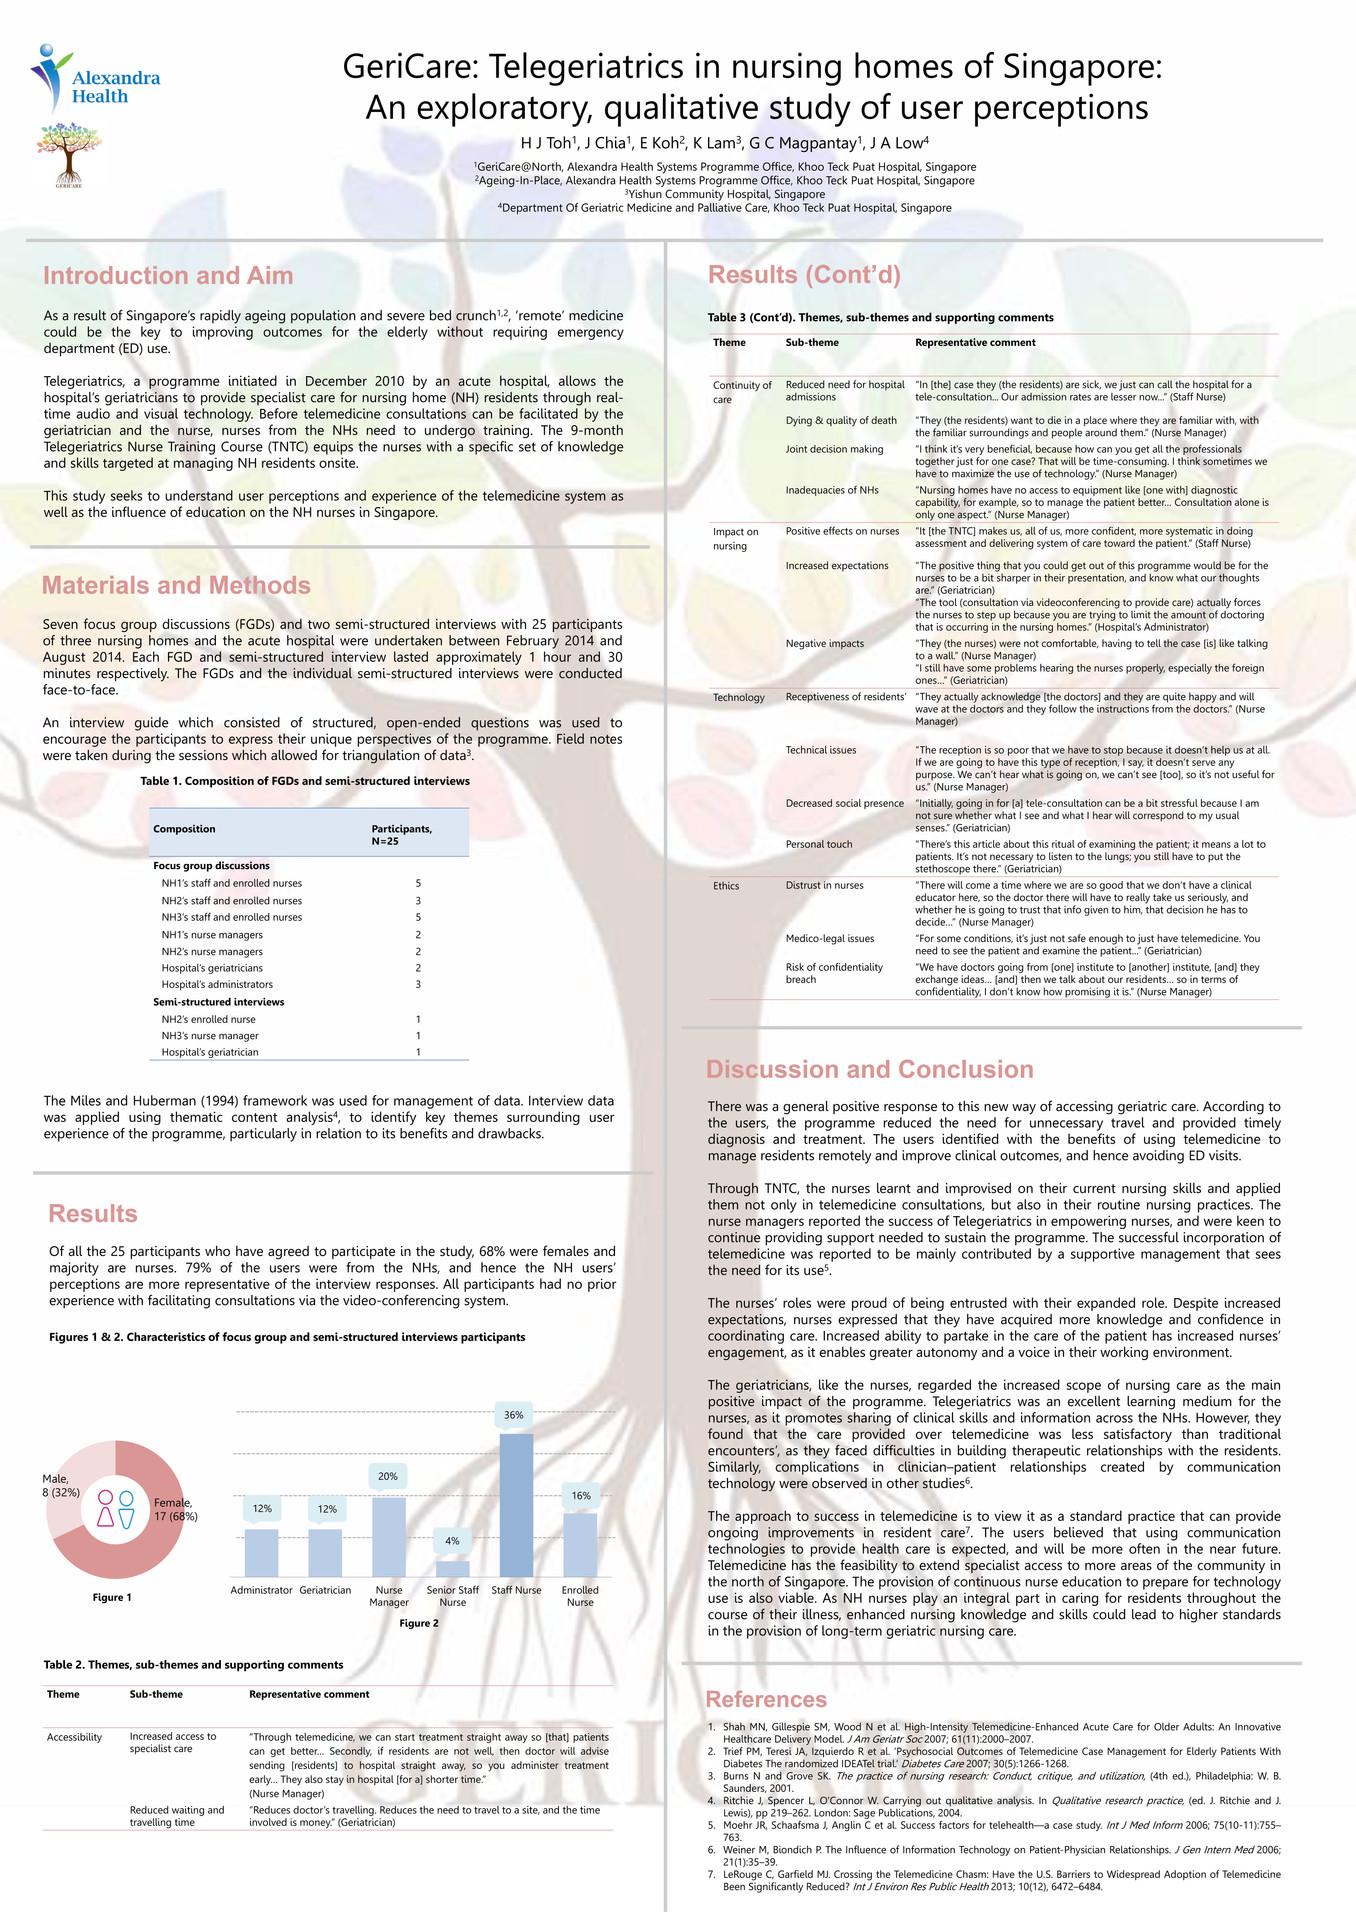 (6) APGC 2016 GeriCare Telegeriatrics in